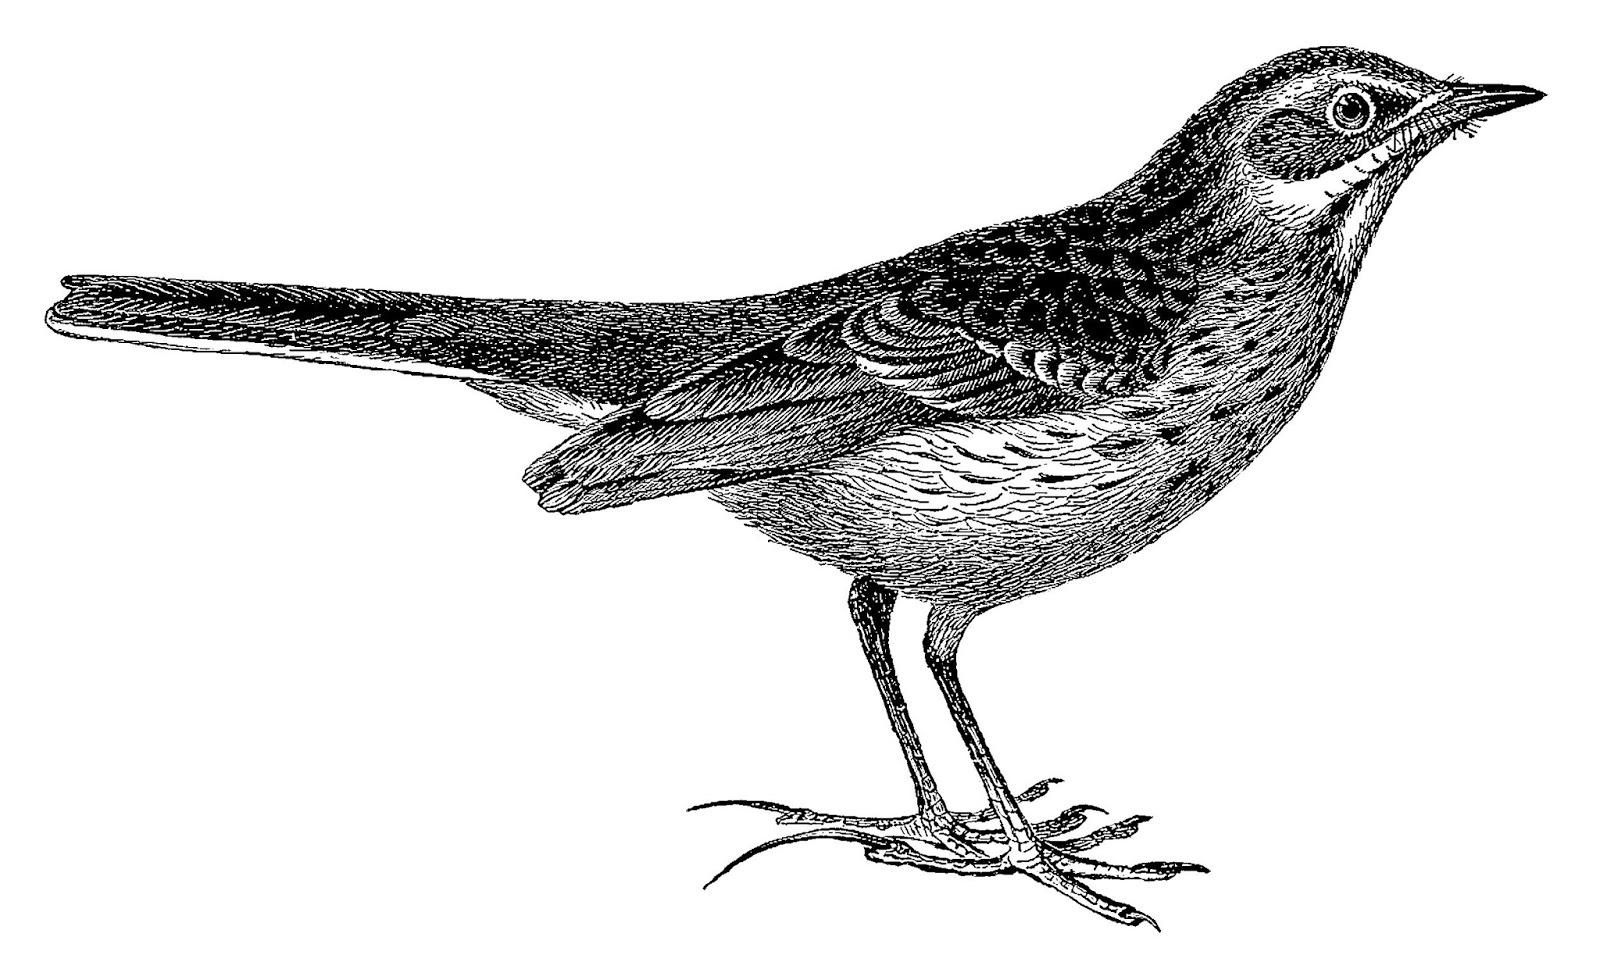 Digital Stamp Design Old Vintage Bird Artwork